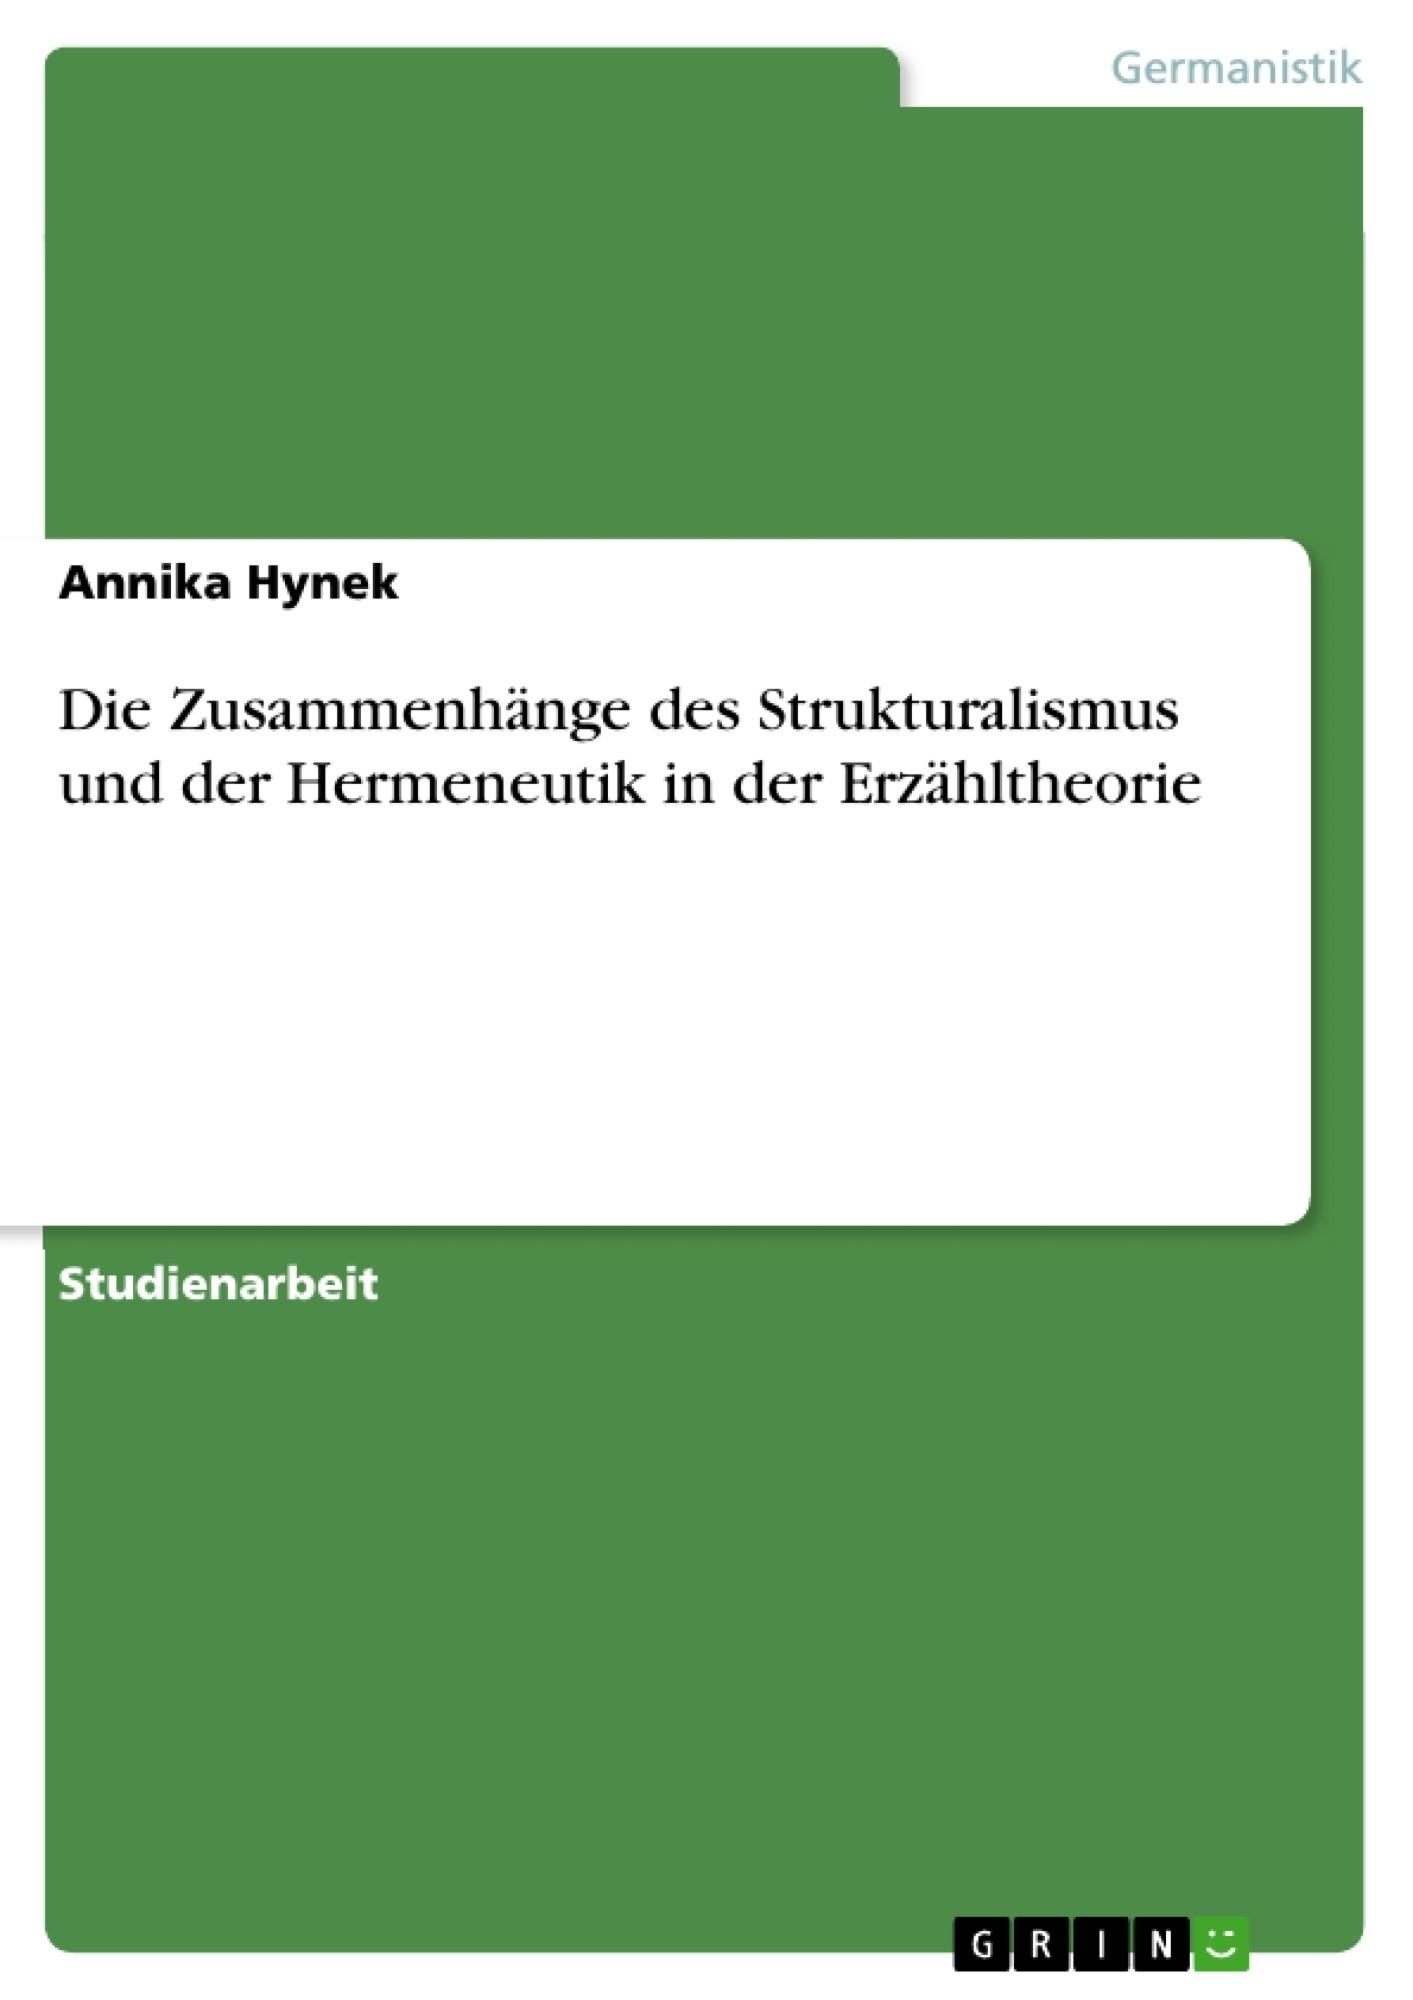 Titel: Die Zusammenhänge des Strukturalismus und der Hermeneutik in der Erzähltheorie